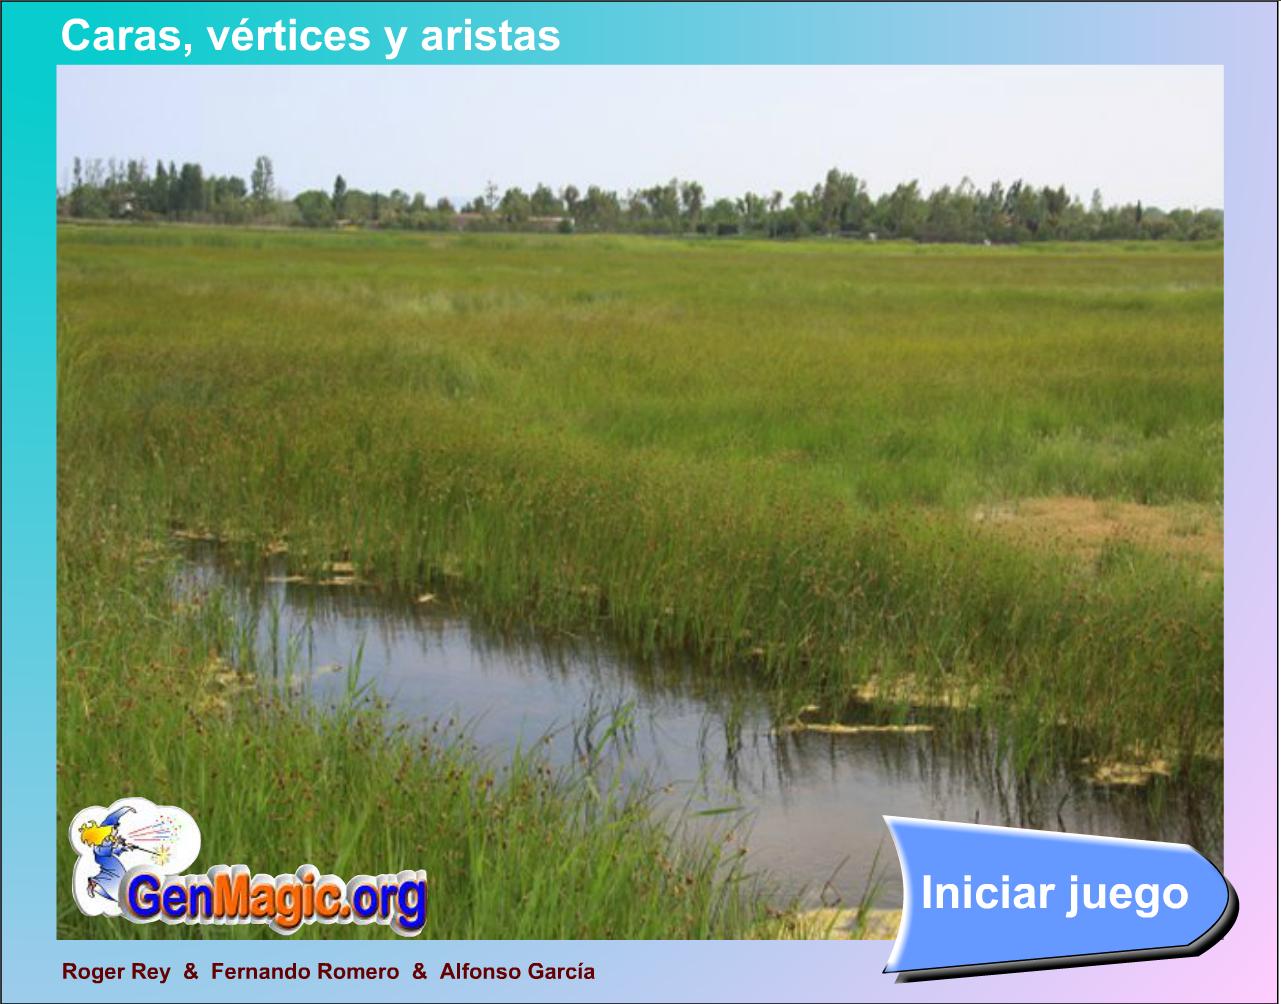 http://www.genmagic.org/repositorio/albums/userpics/verares1c.swf